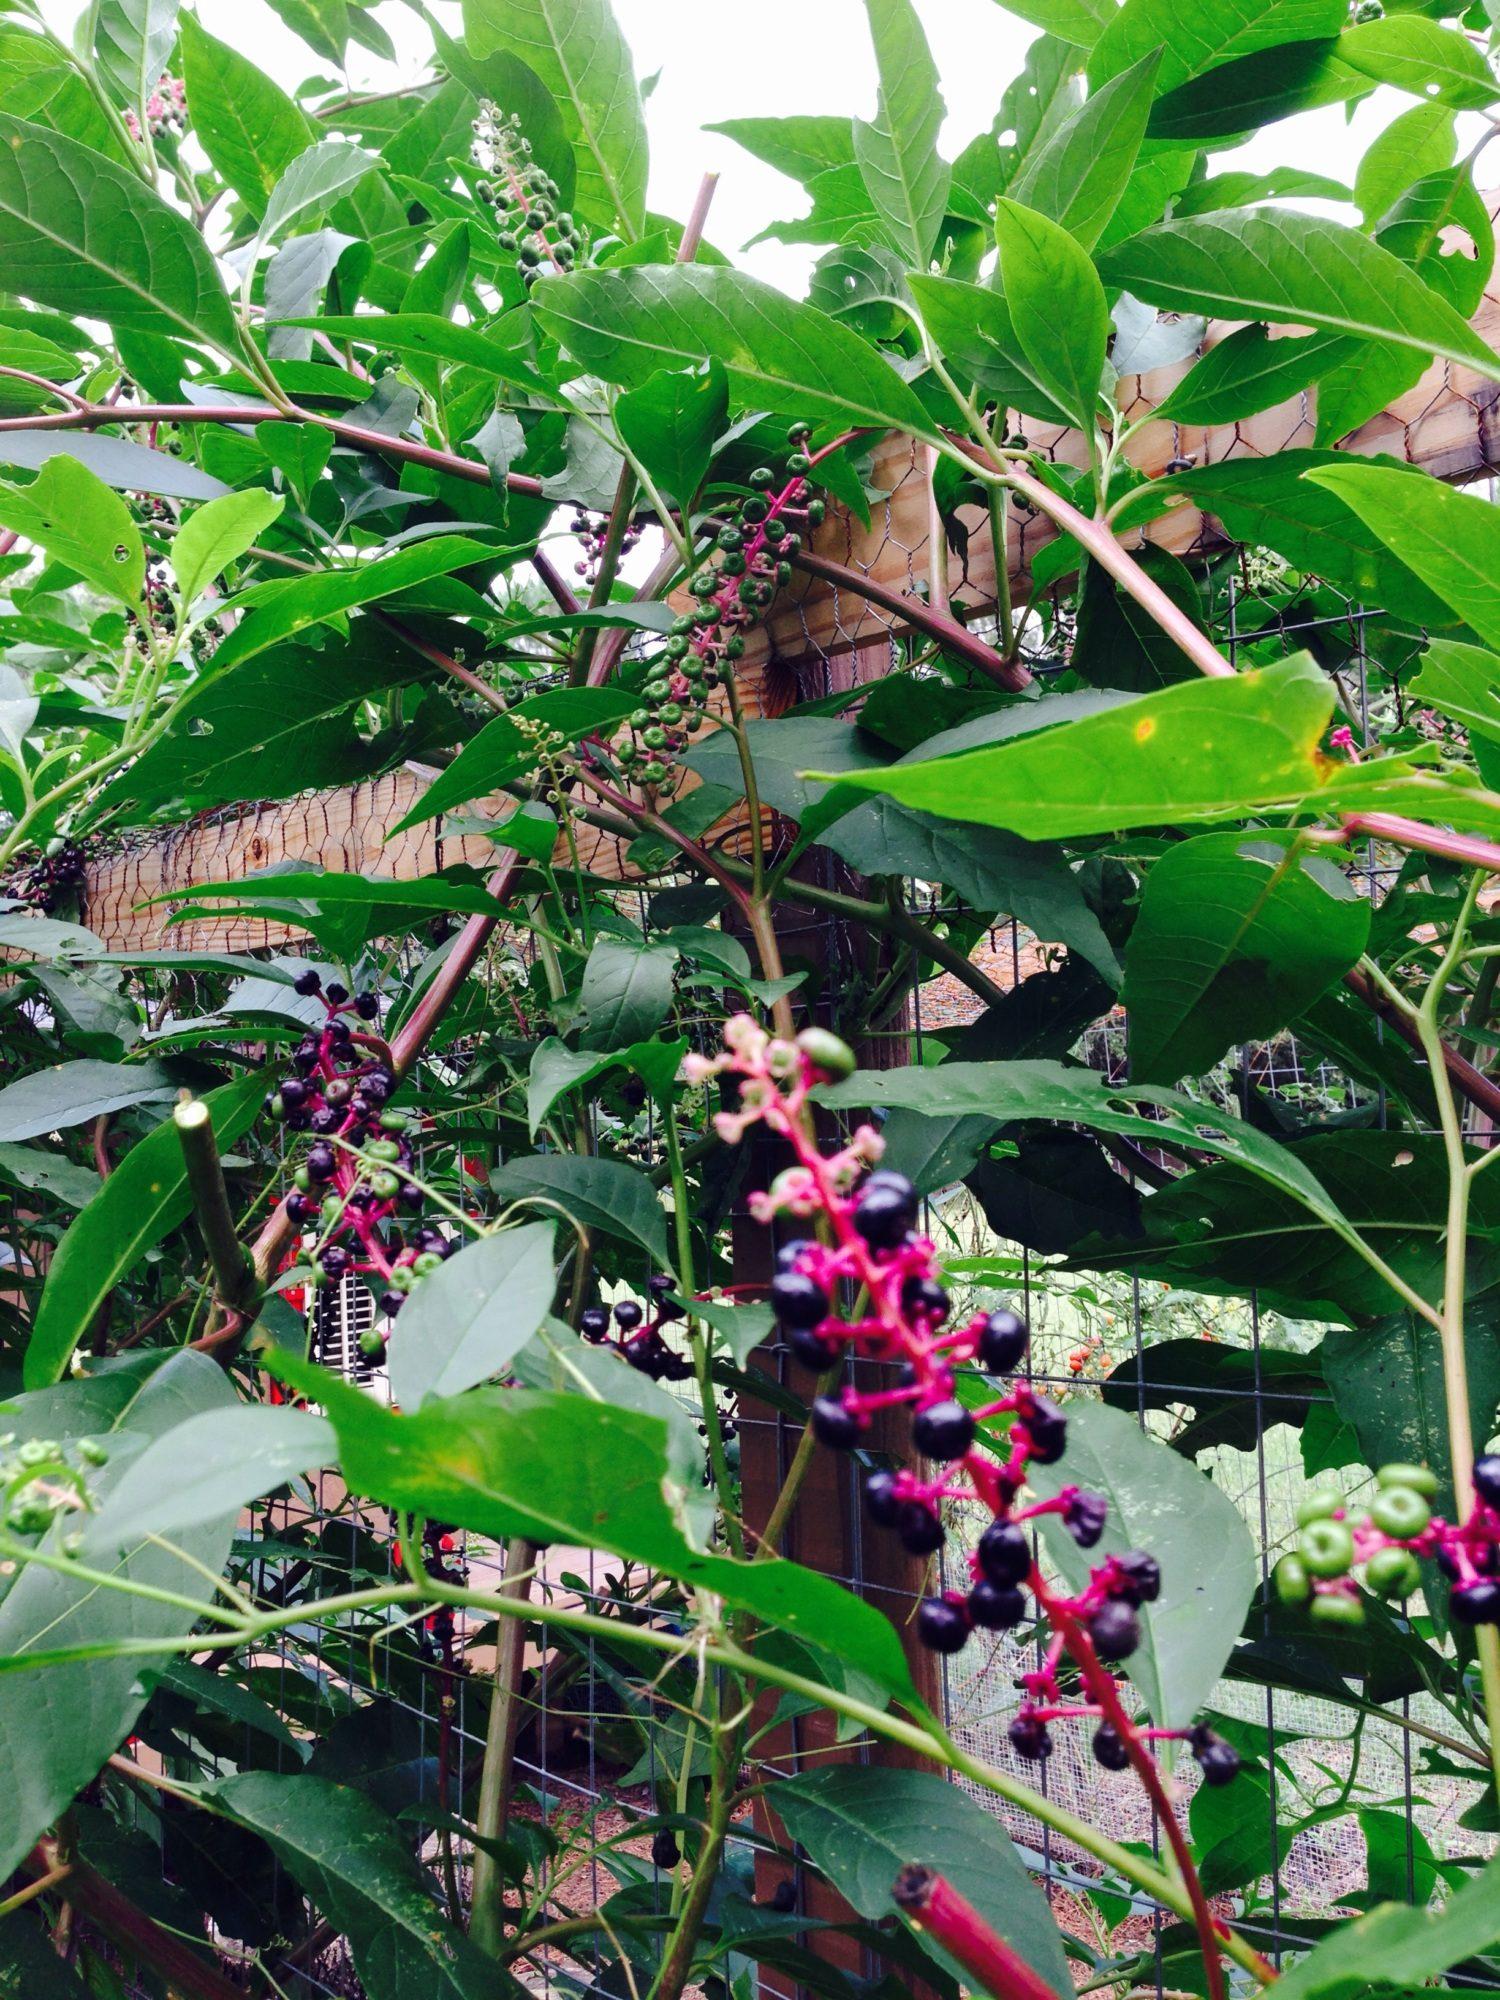 yaldnif's photos in nightshade berries